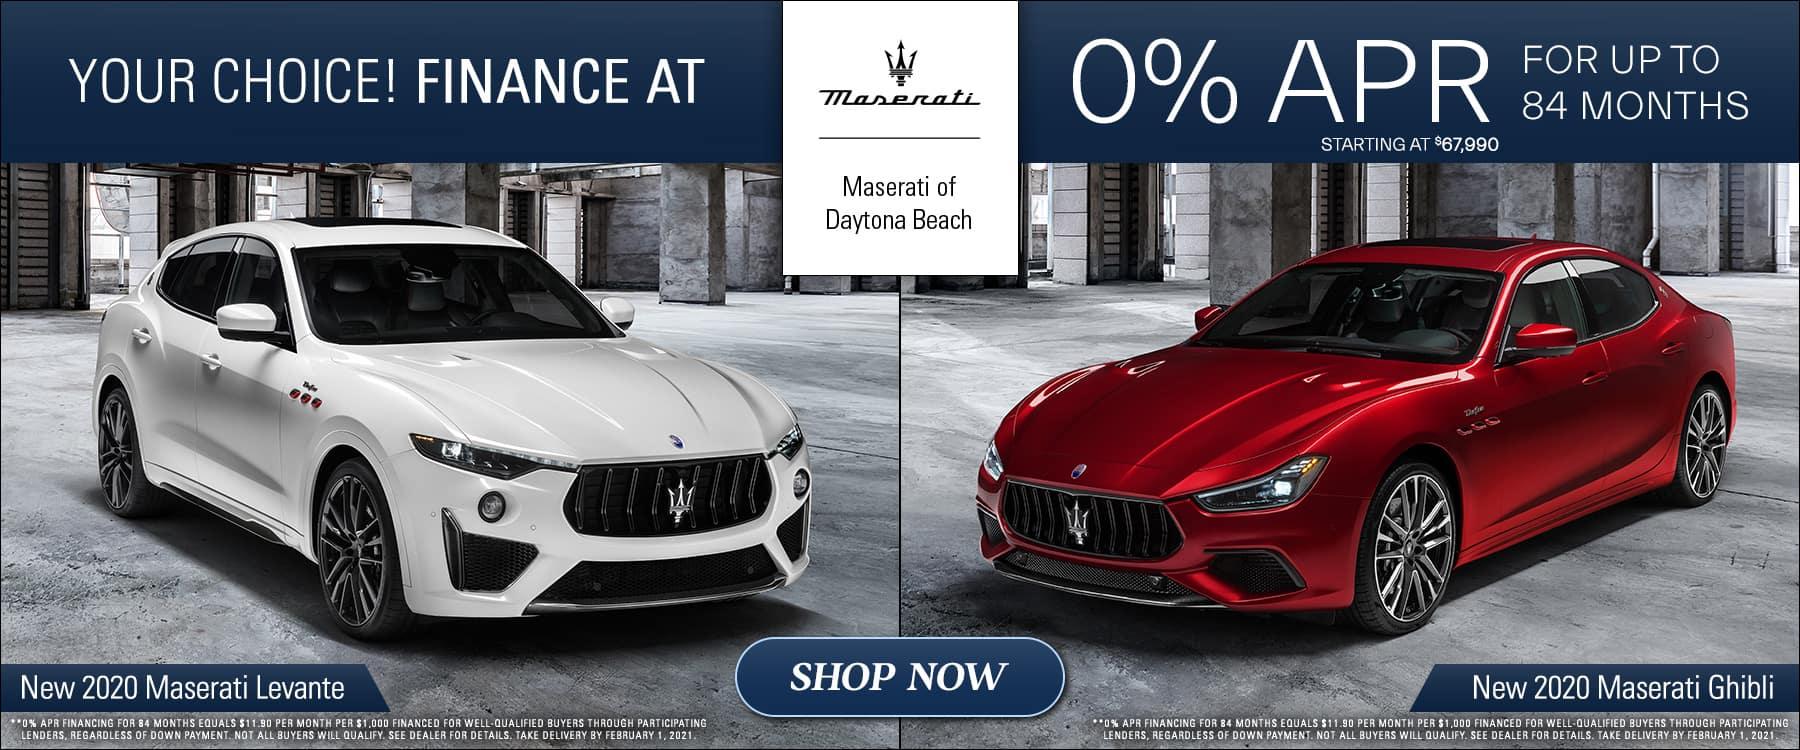 DMAR-2021-Maserati-1800×750-01-v2